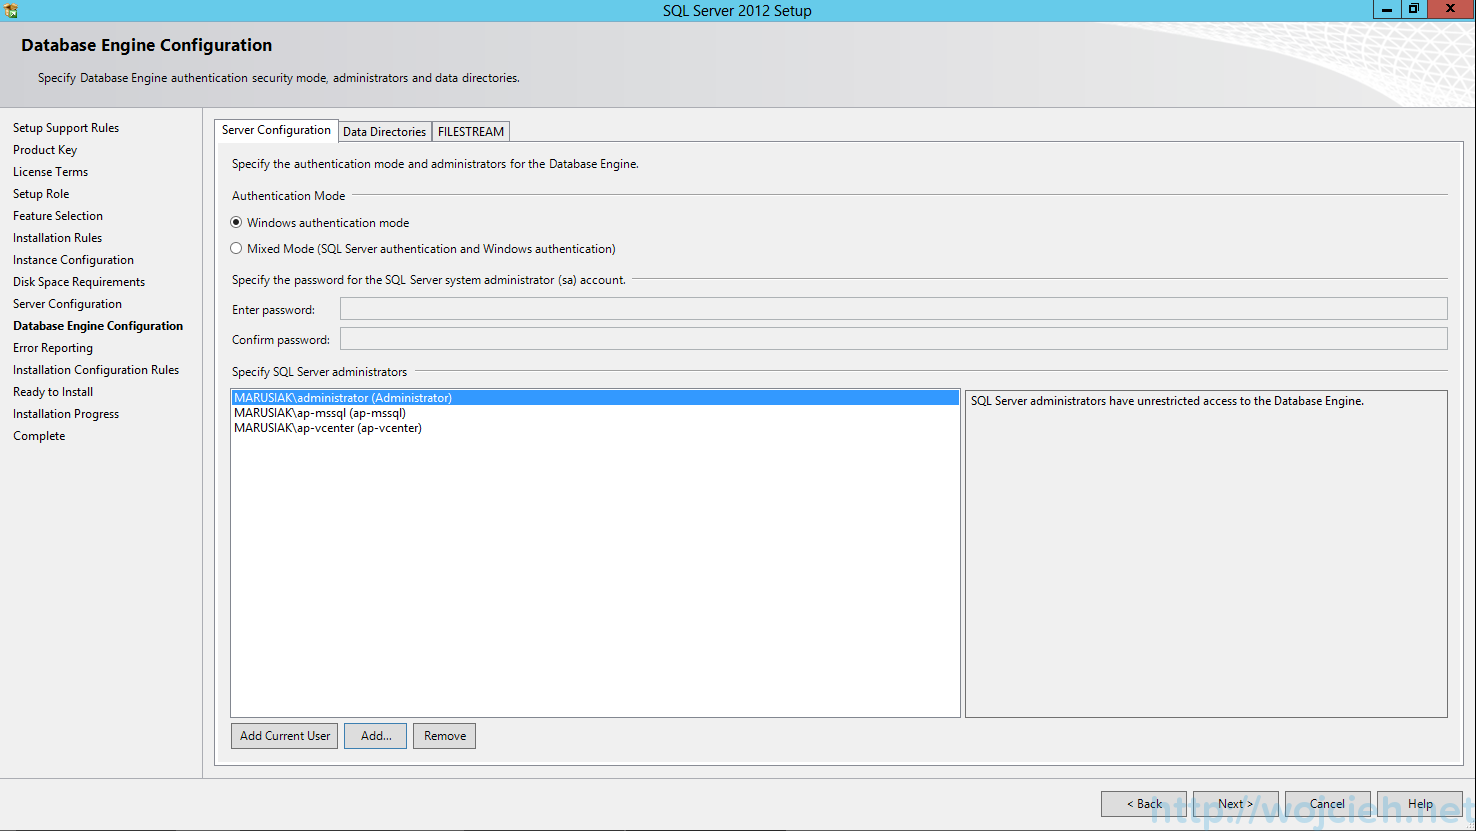 SQL Server 2012 SP1 - Database Engine Configuration